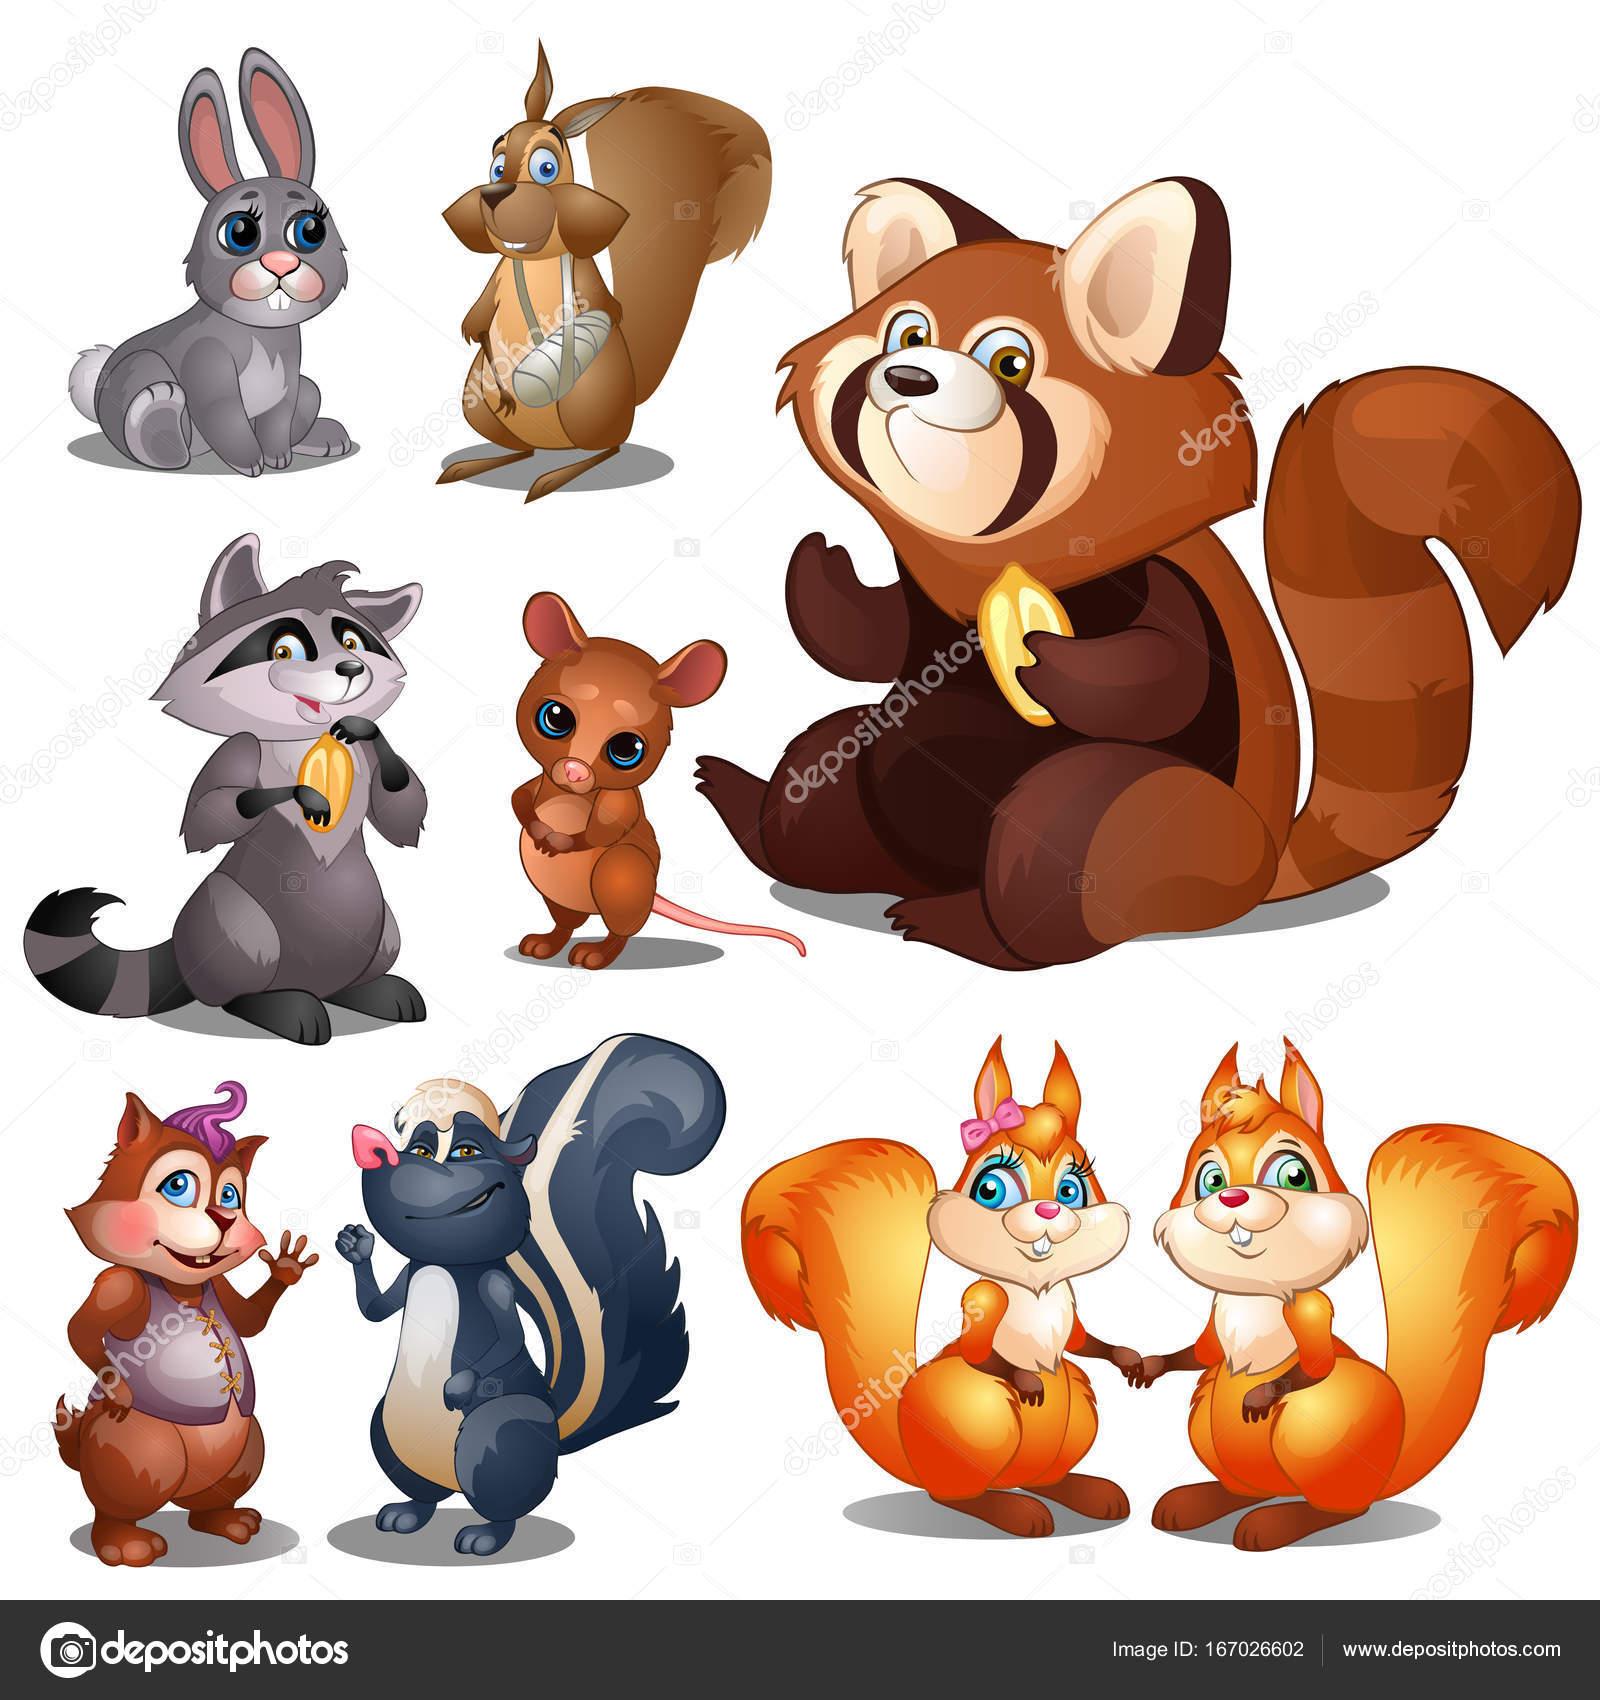 ウサギ、アライグマ、リス、ビーバー、ハムスター、マウス、スカンク